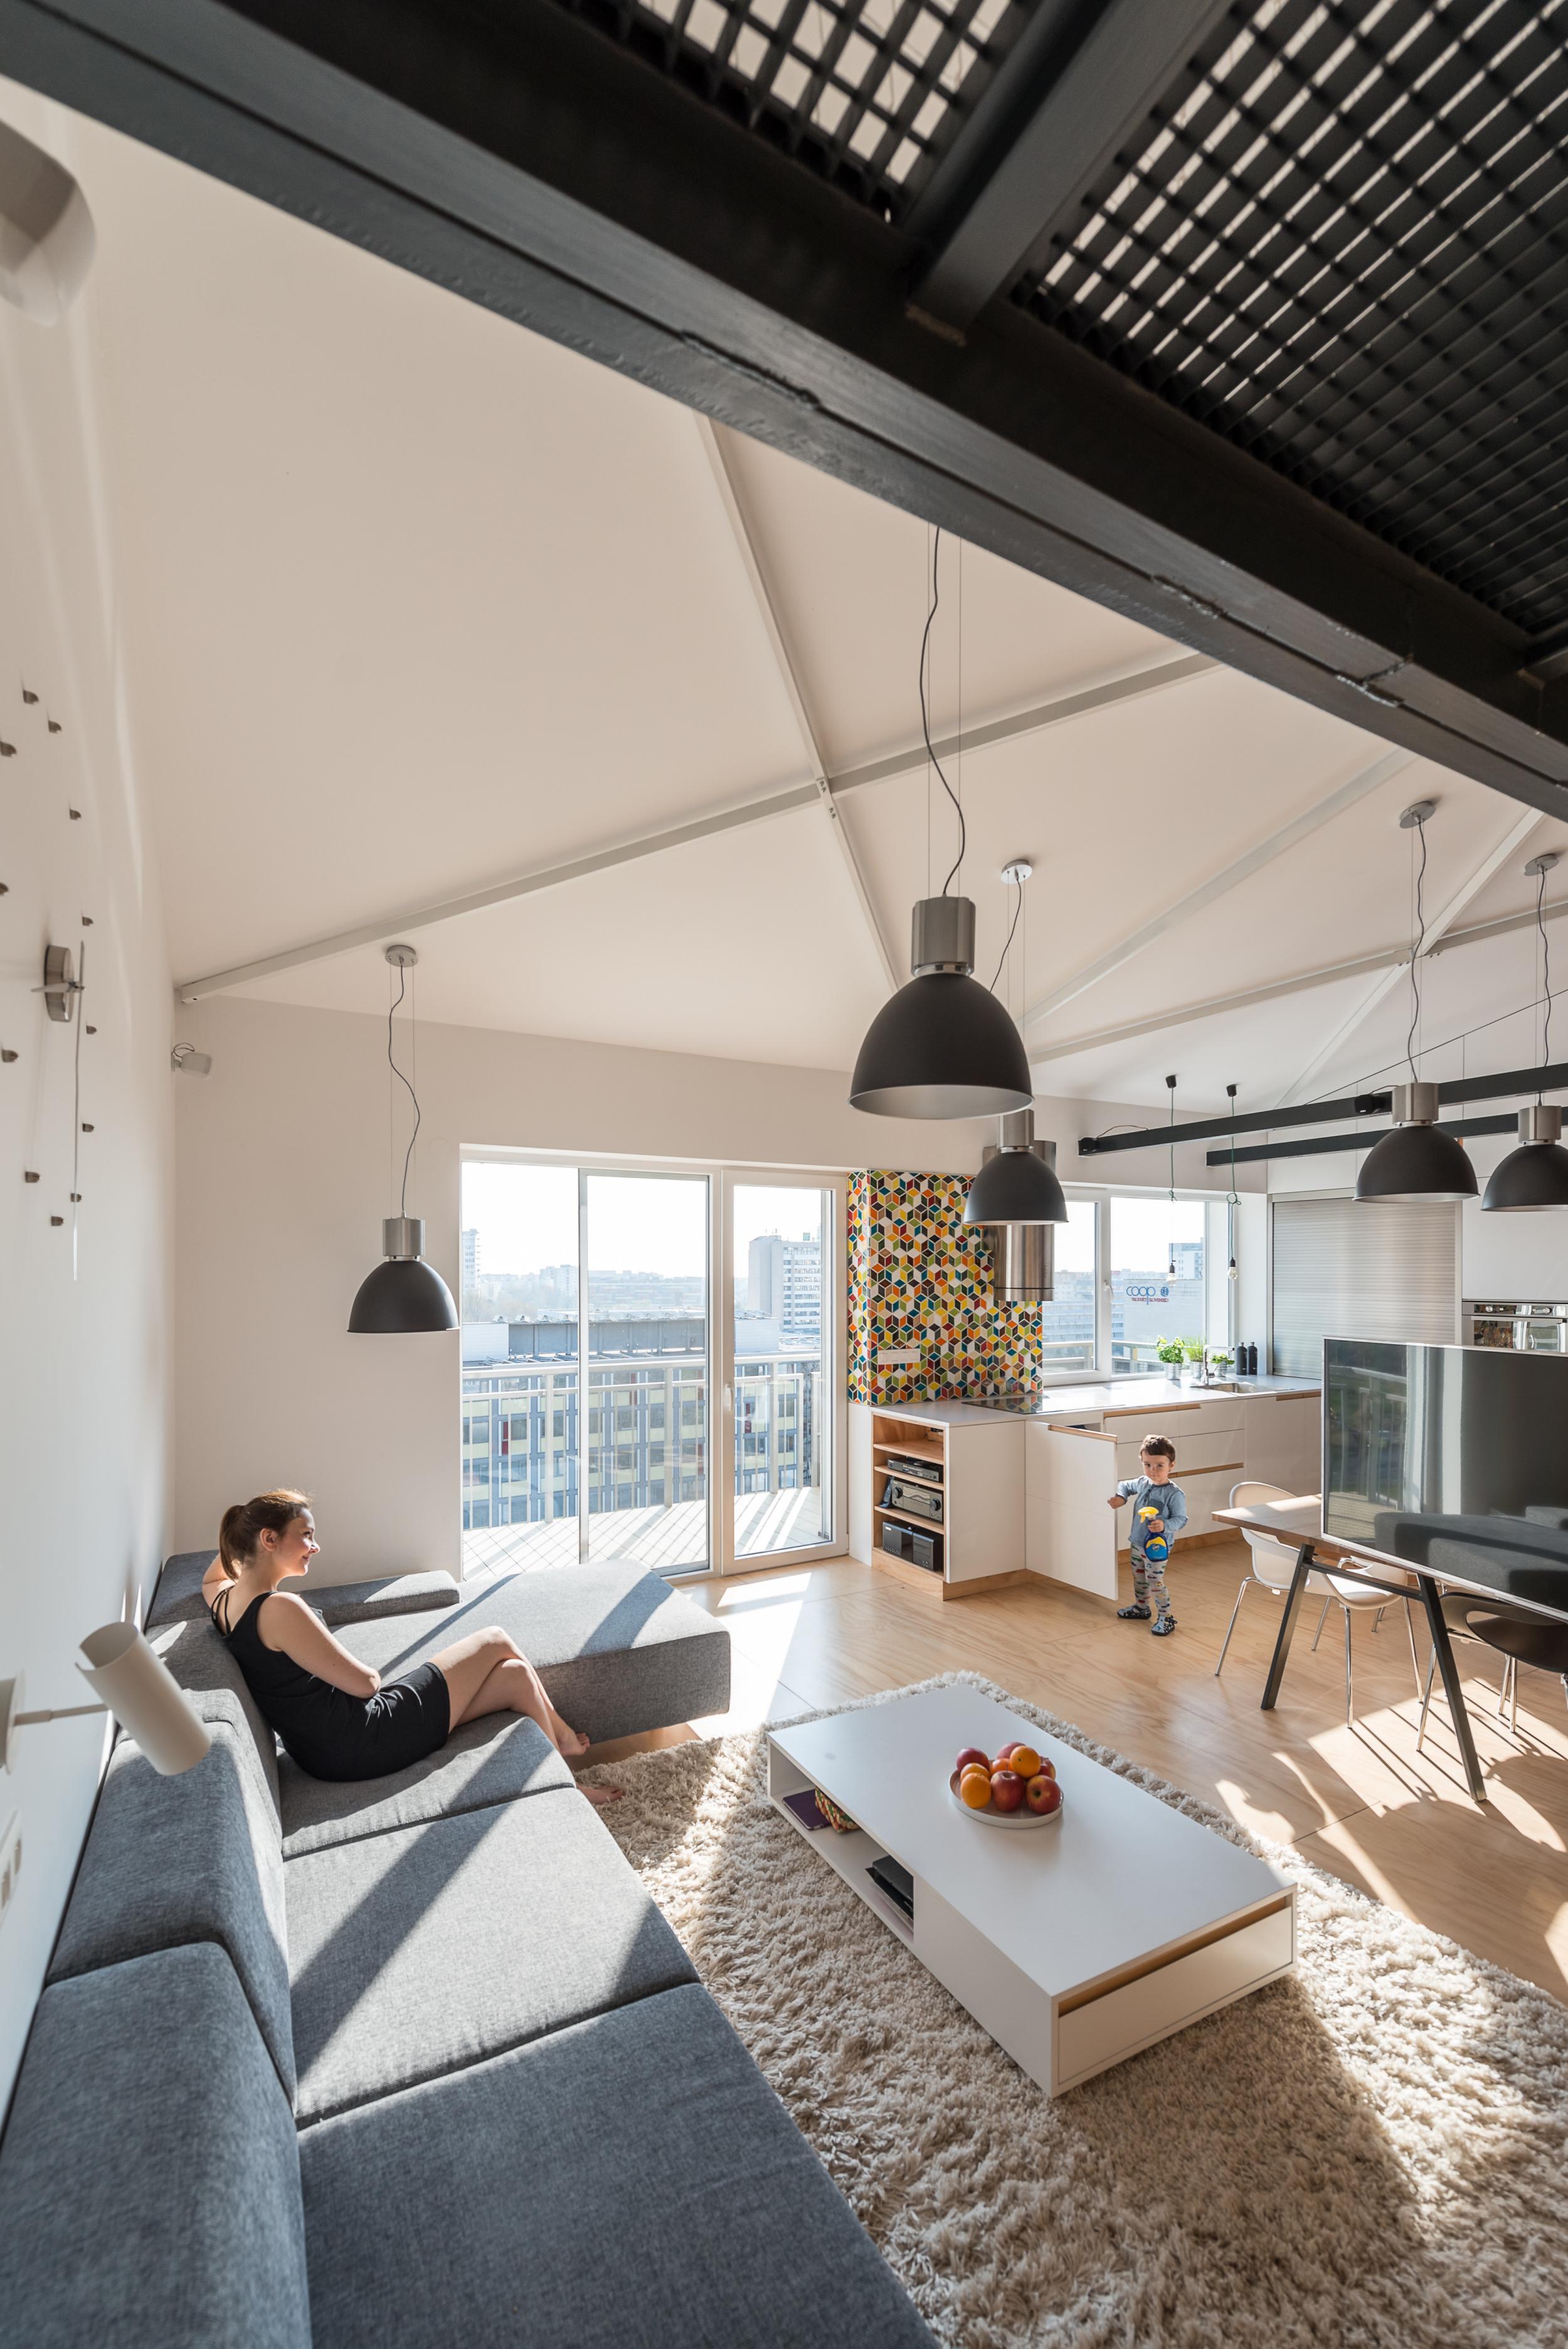 Ob 253 Vacie Izby Rules Architekti